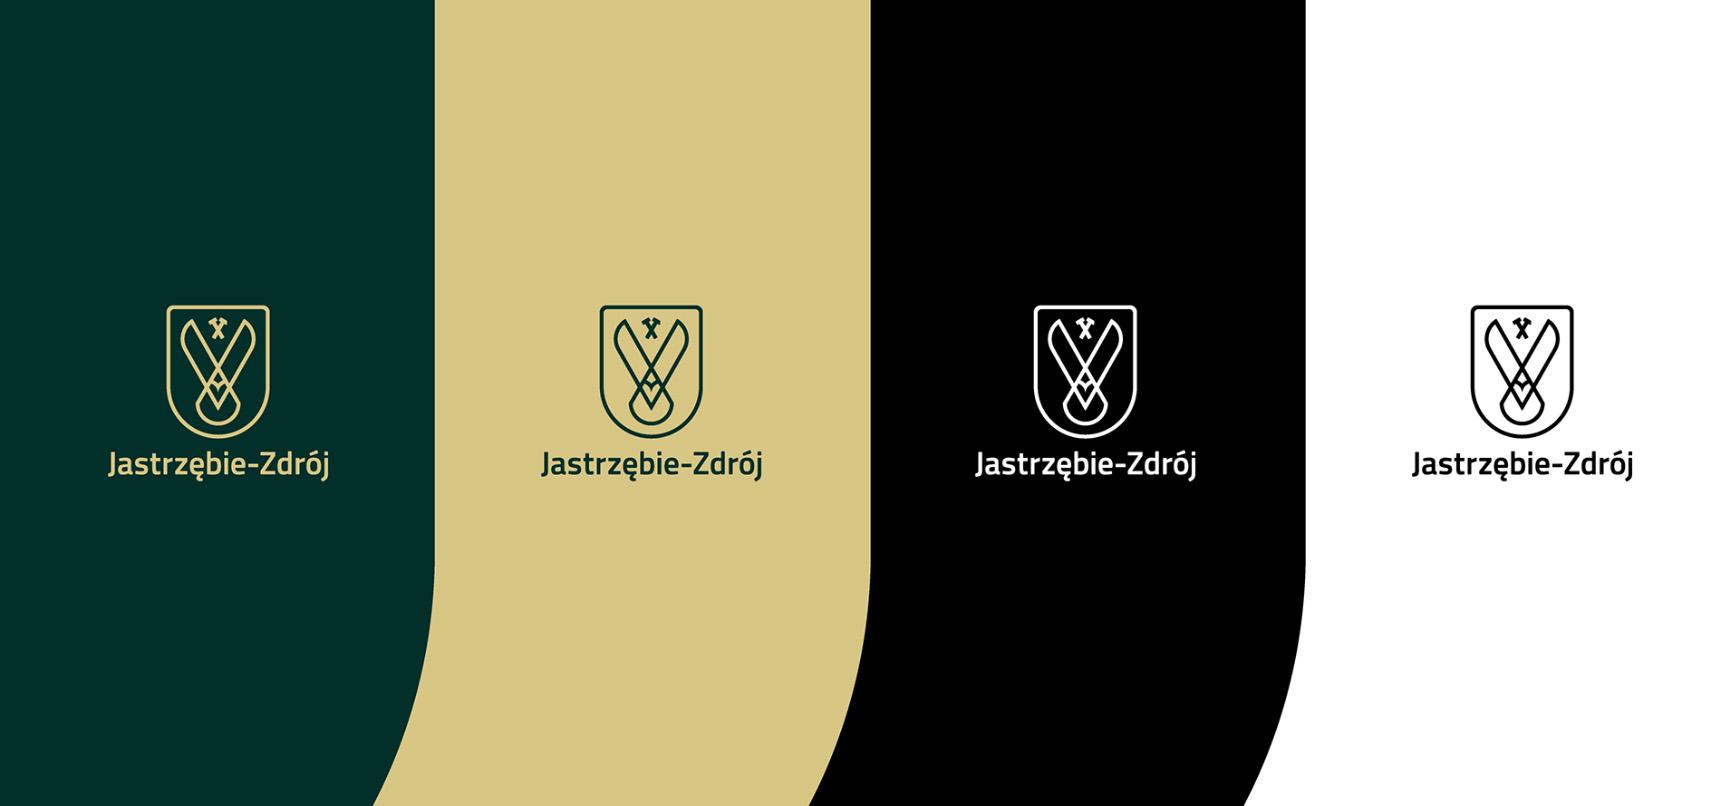 Kolorystyka nowej identyfikacji Jastrzębia-Zdroju